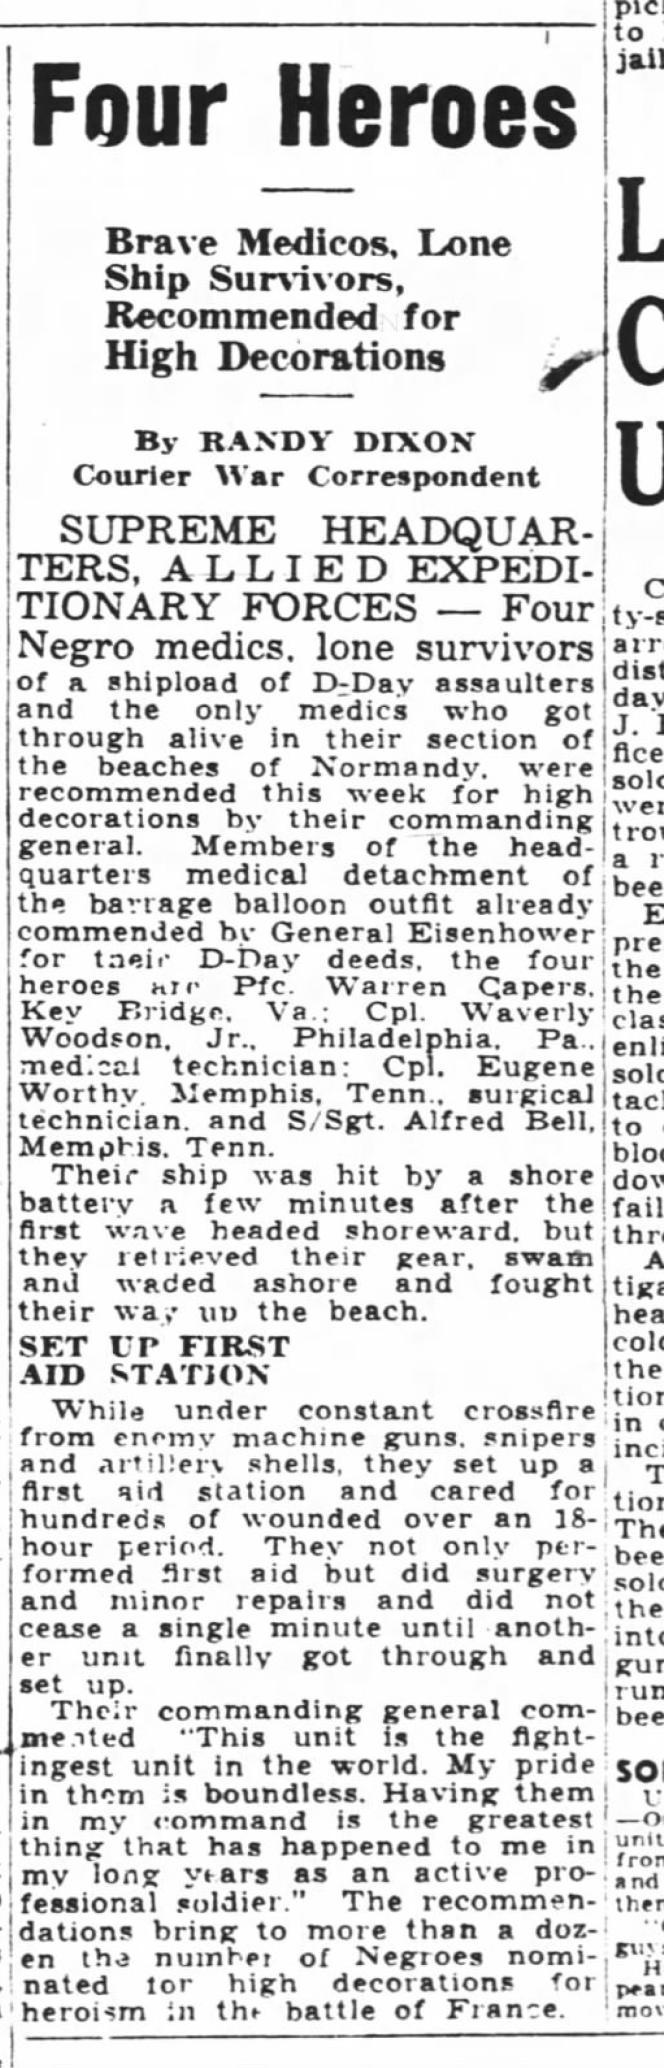 Un extrait du «Pittsburgh Courier» du 26 août 1944, racontant les exploits de quatre soldats noirs, dont Waverly Woodson.